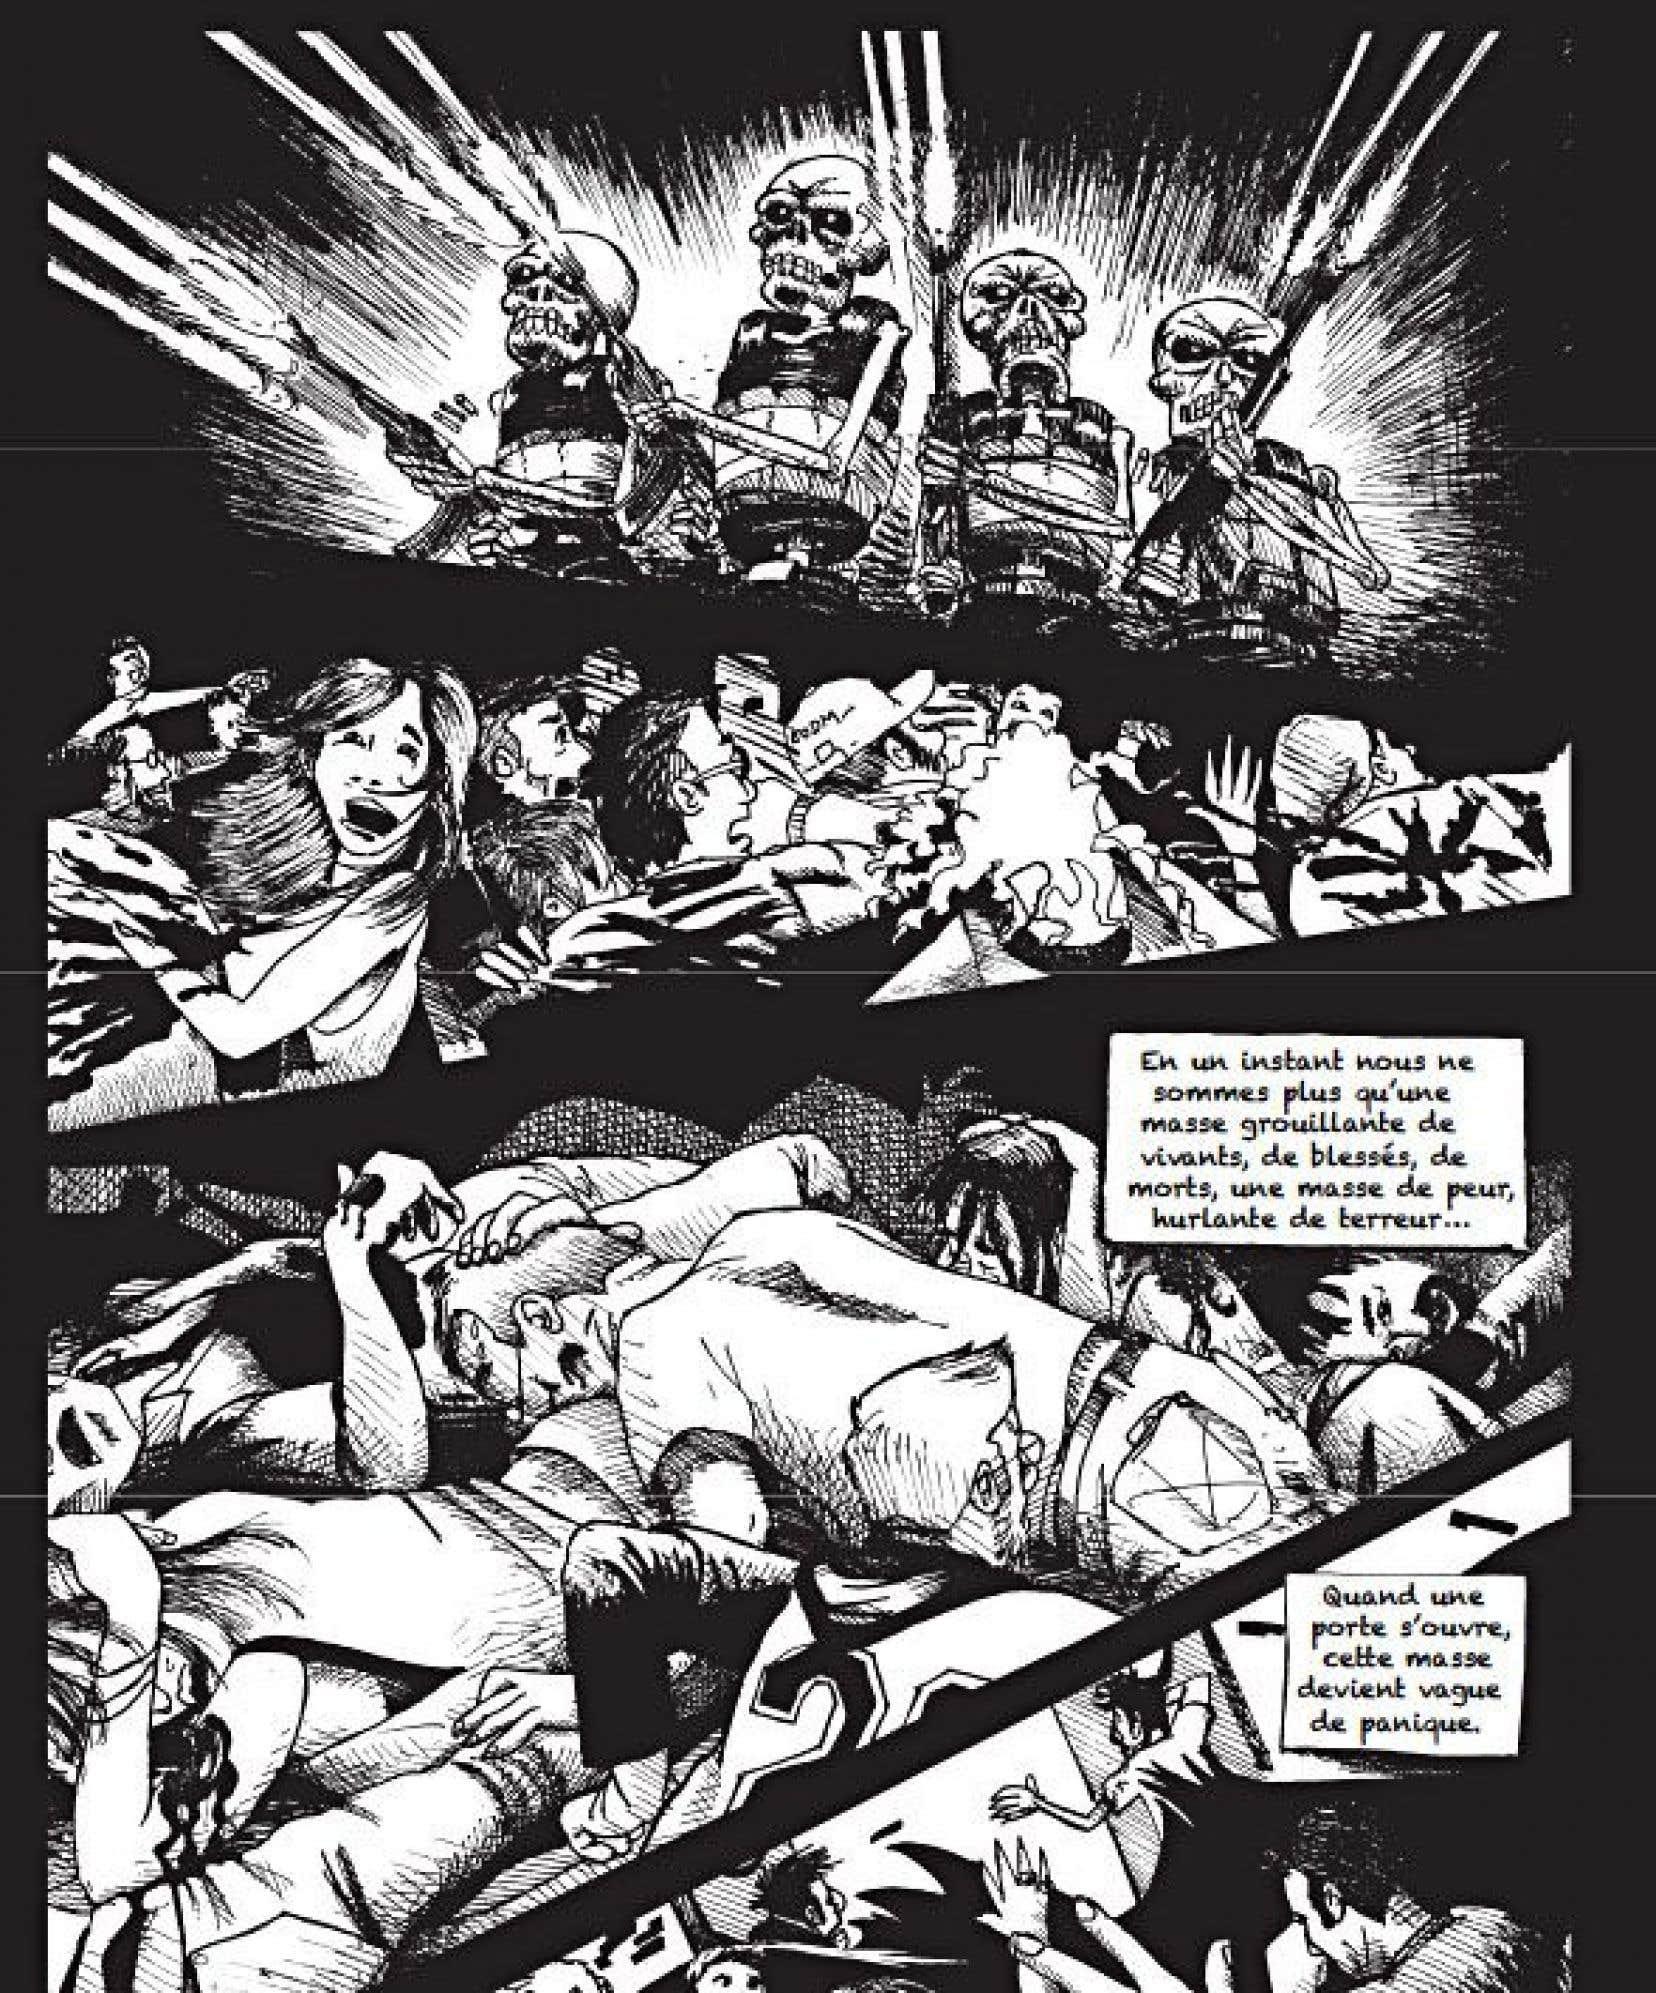 «Mon Bataclan» remonte le fil d'un temps suspendu, depuis les minutes qui ont précédé l'entrée en scène des terroristes avec leur scénario macabre jusqu'à la sortie des survivants dans l'hébétement et l'incompréhension.